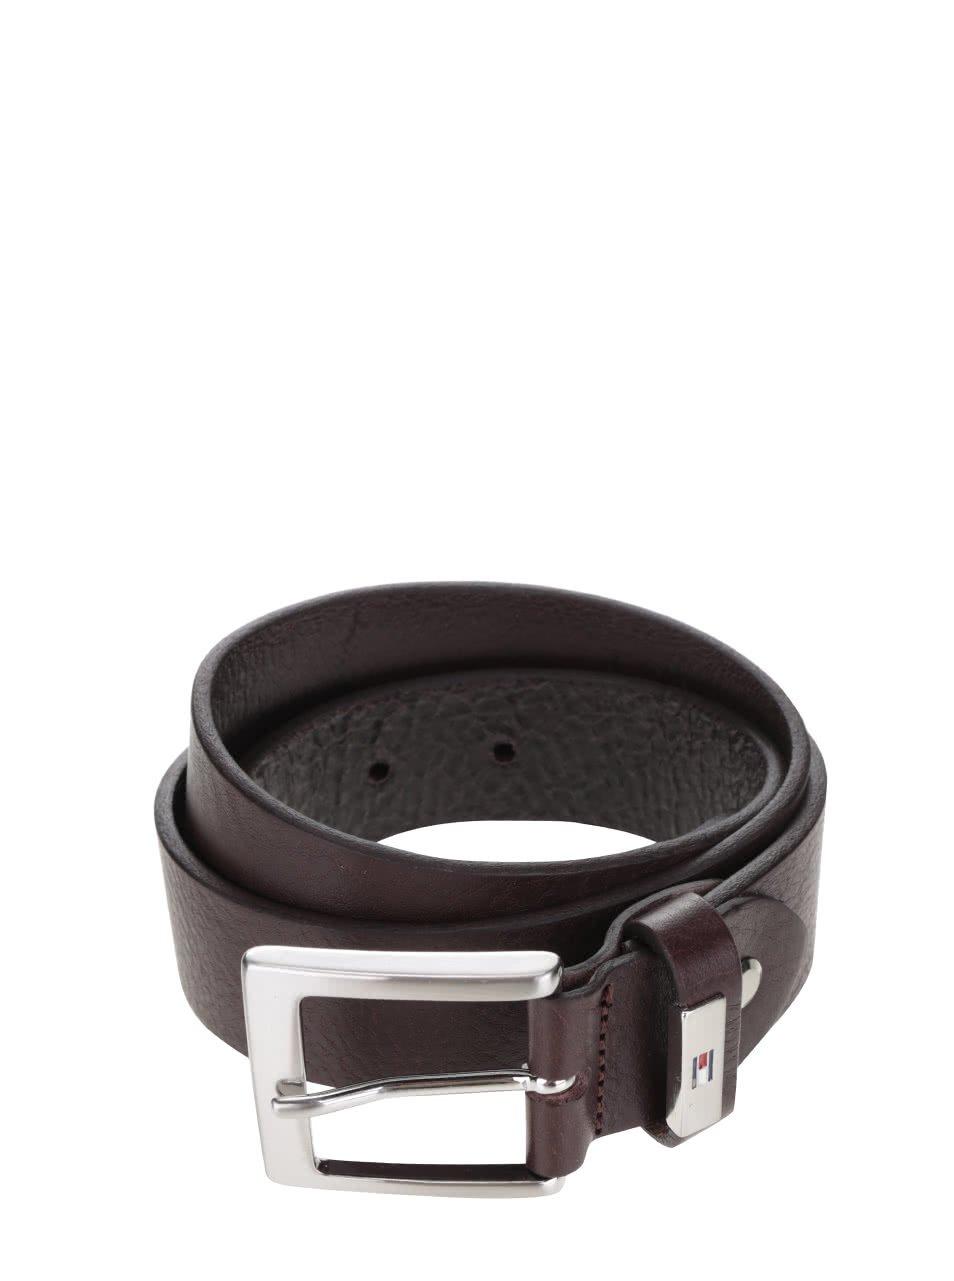 Tmavě hnědý pánský kožený pásek Tommy Hilfiger